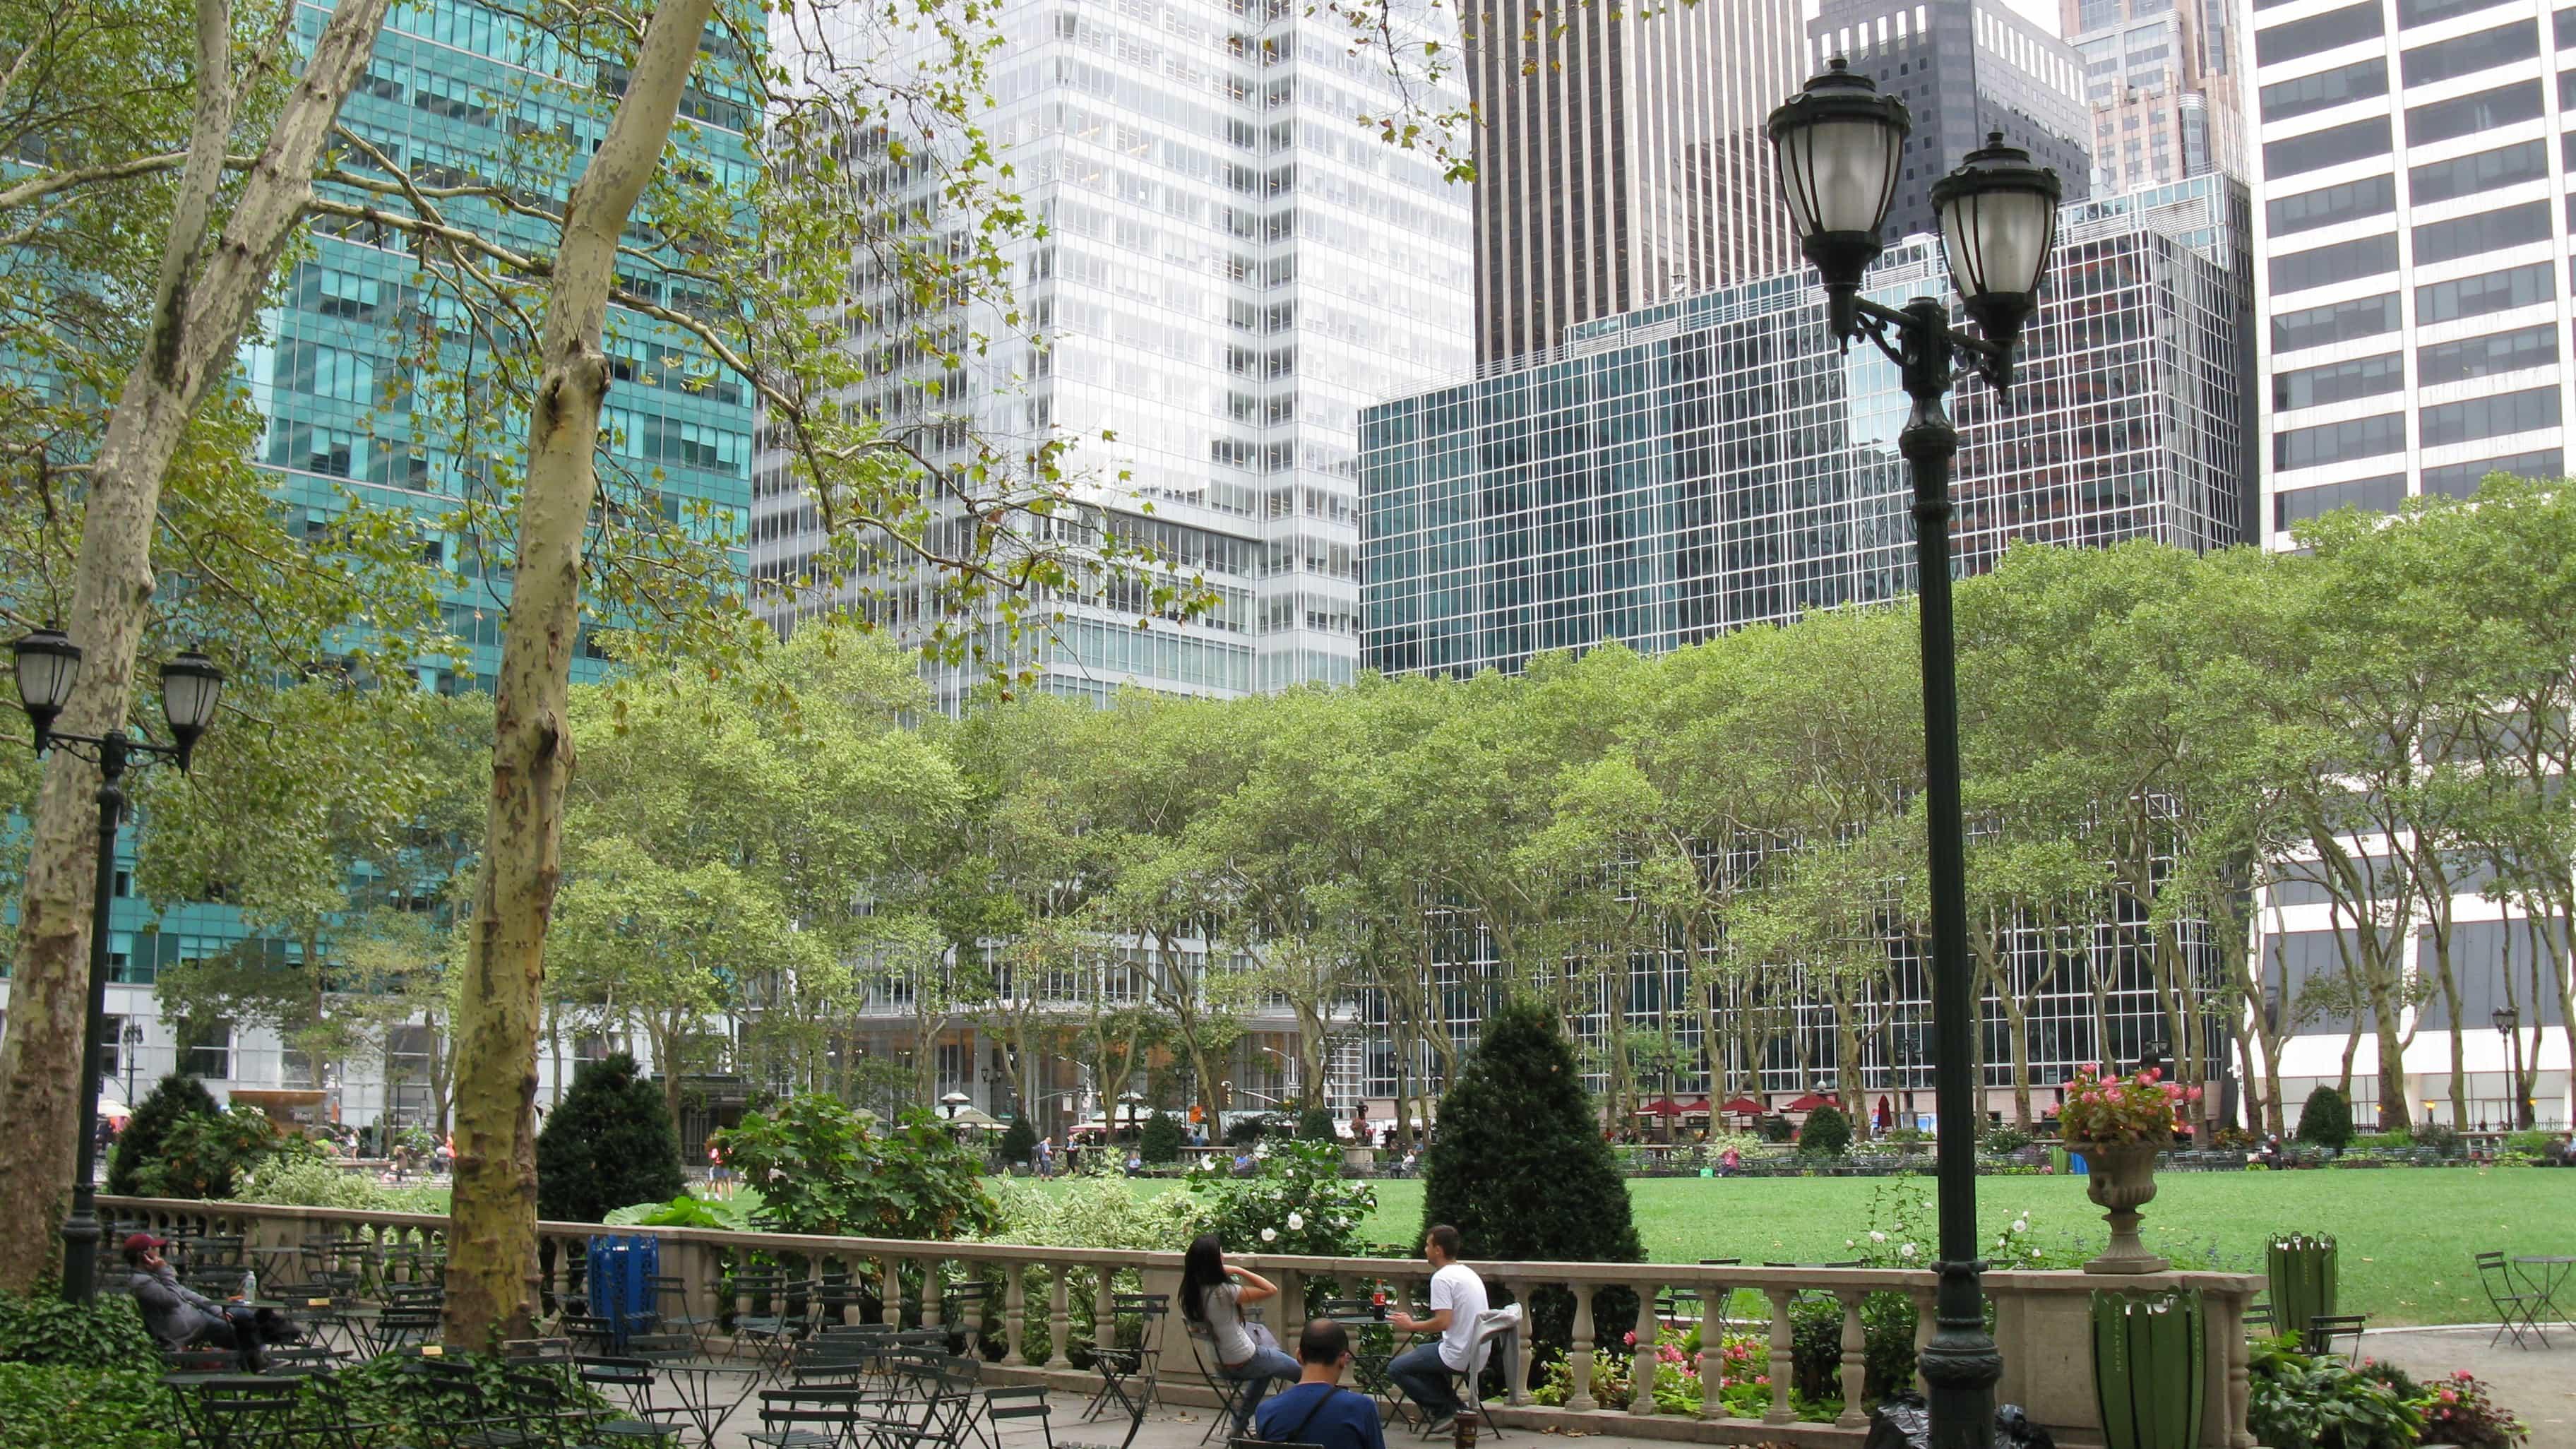 Im Zentrum von New York City liegt der Bryant Park